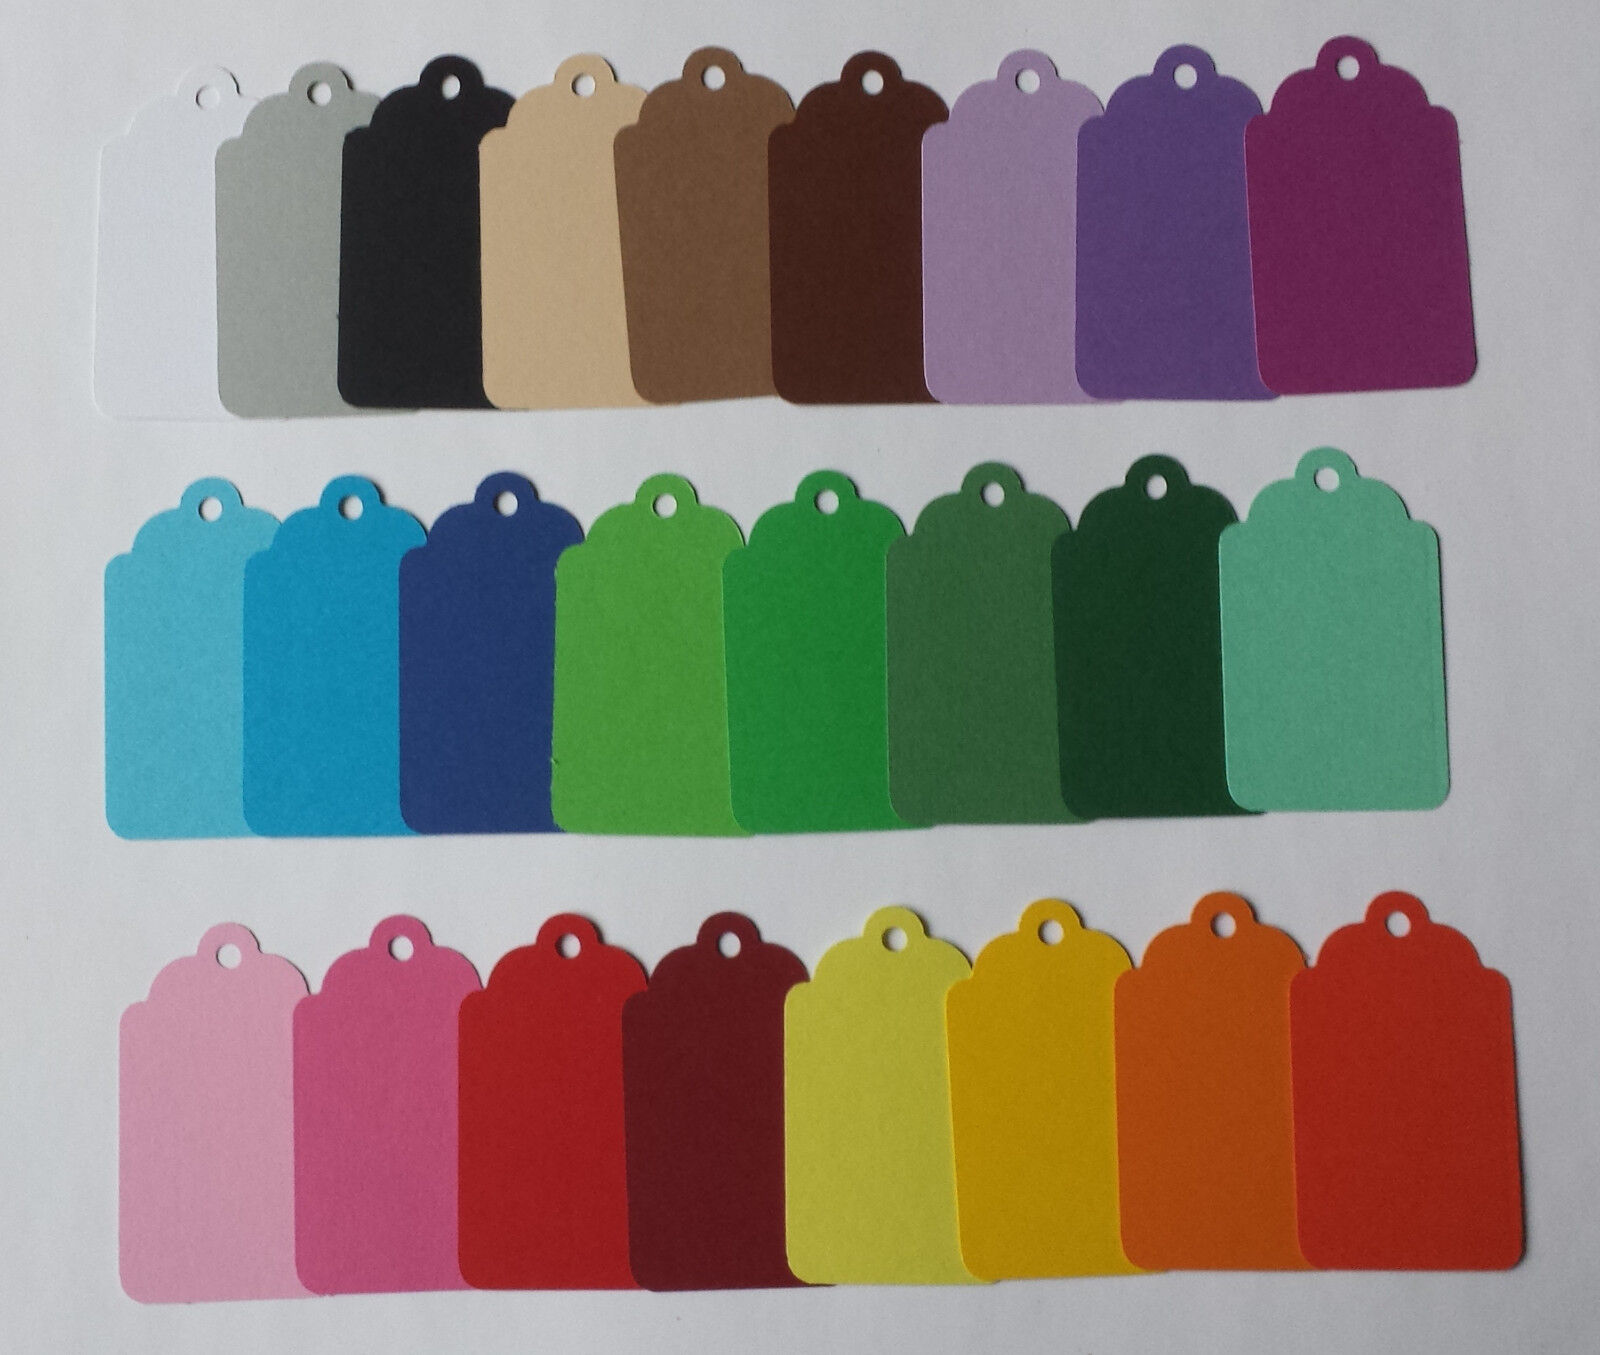 25 Geschenkanhänger, Etiketten, Tags, Label, 25 Farben u. 2 Größen. Farbwahl